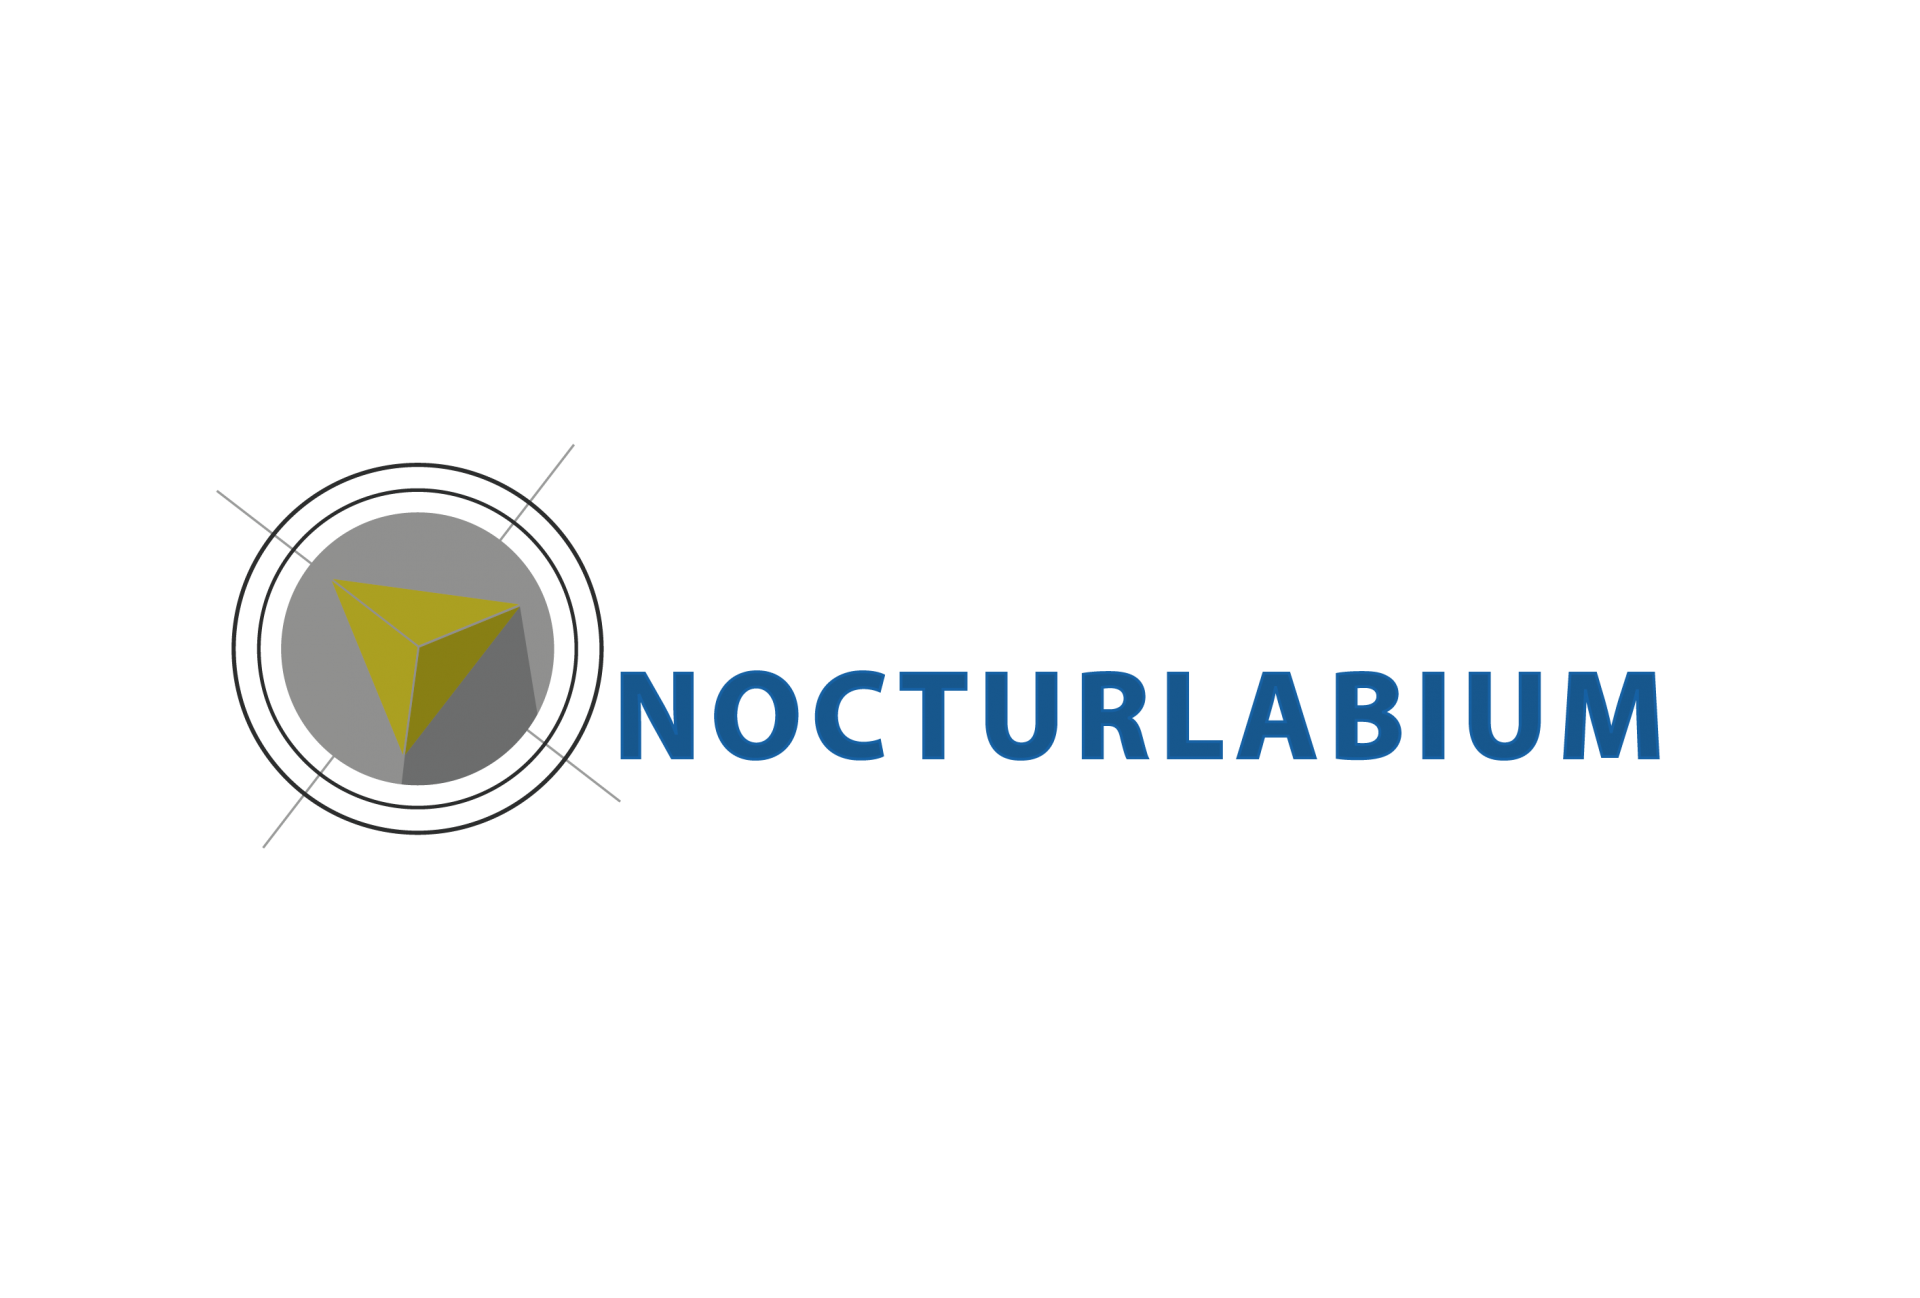 nocturlabium201